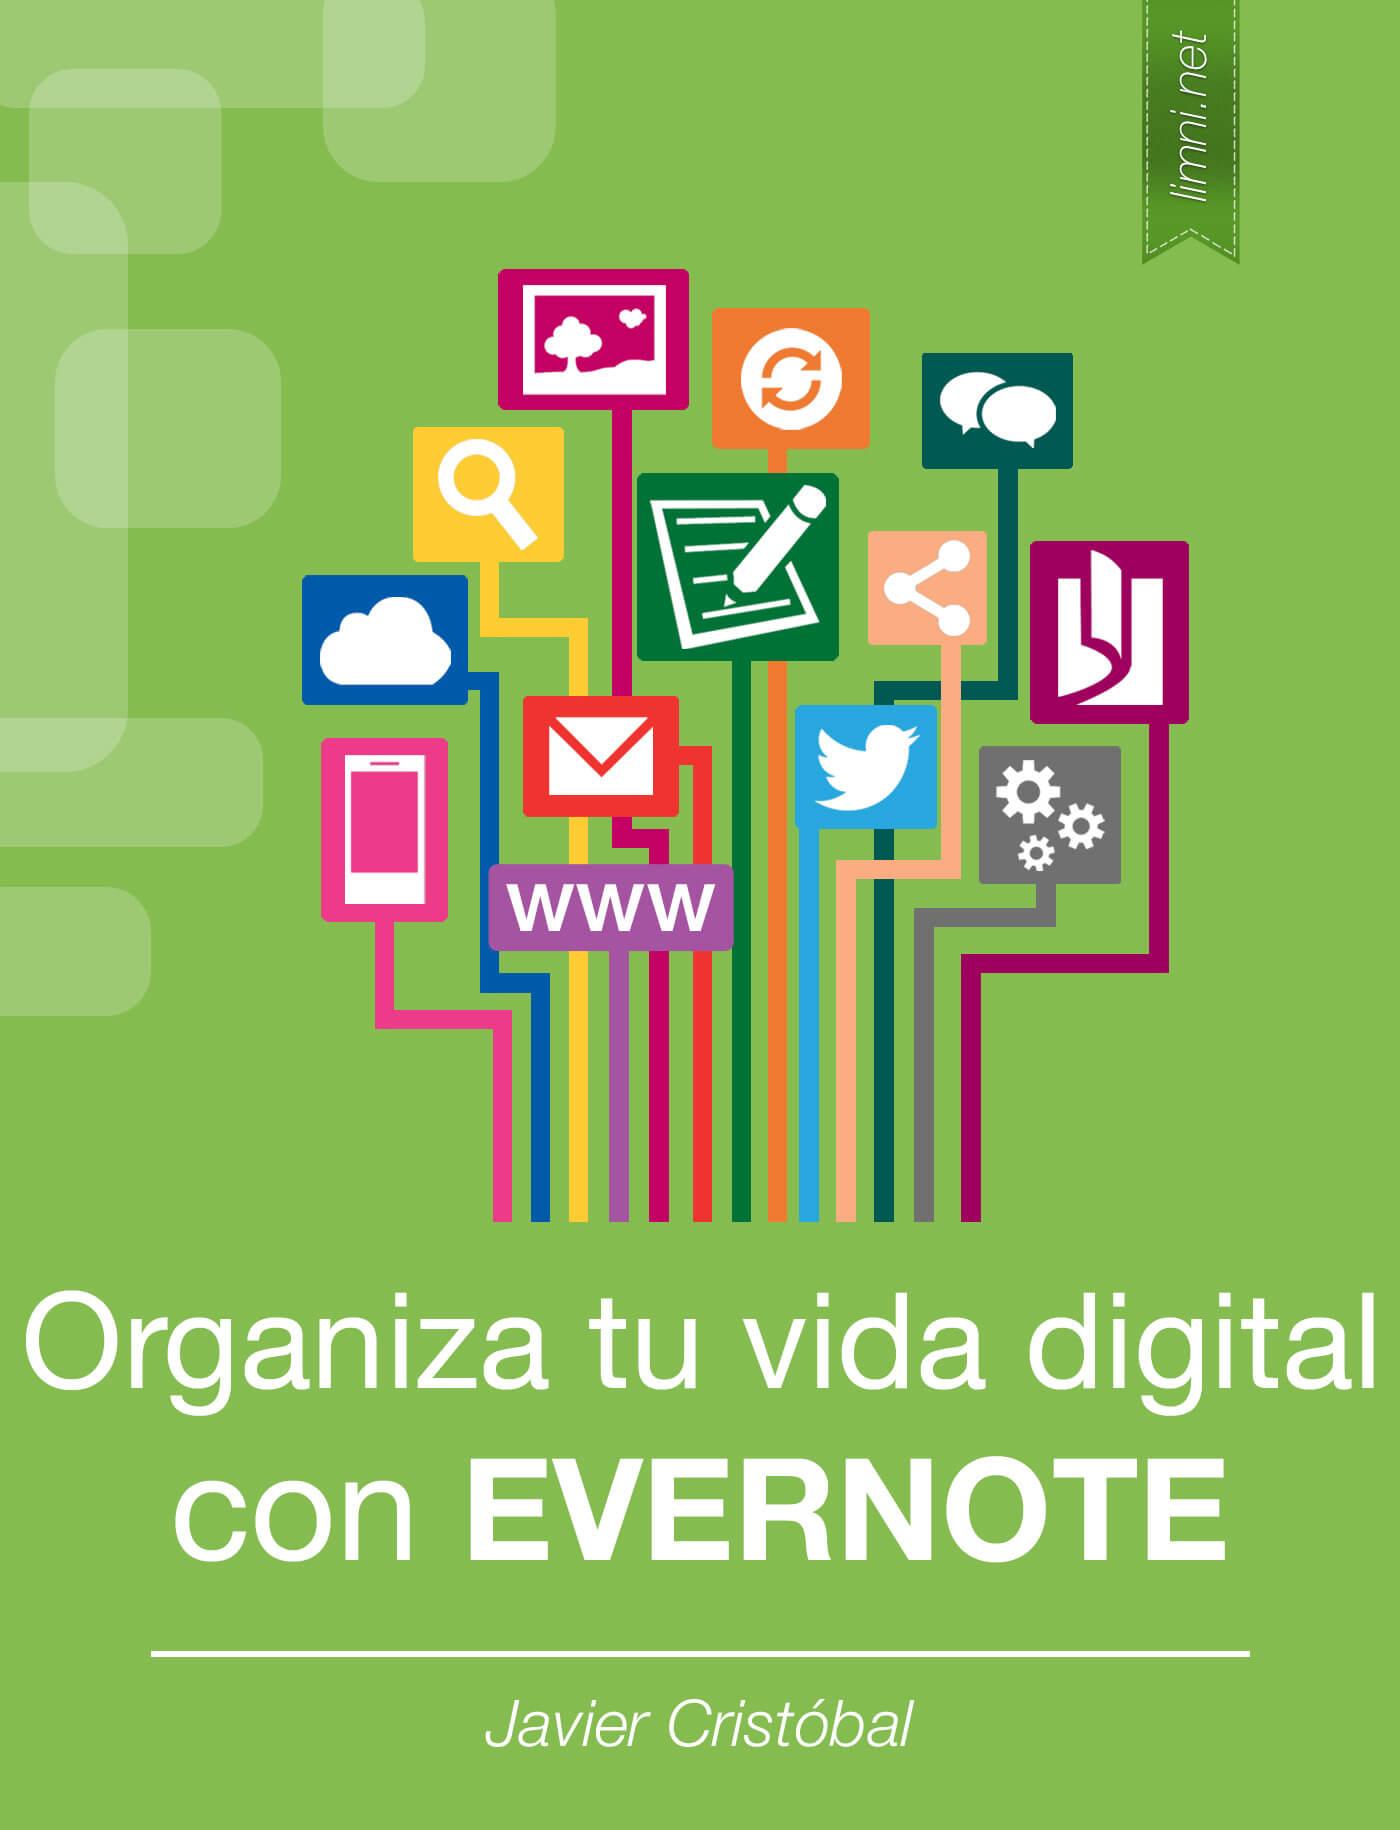 Organiza tu vida digital con Evernote - iBooks Store